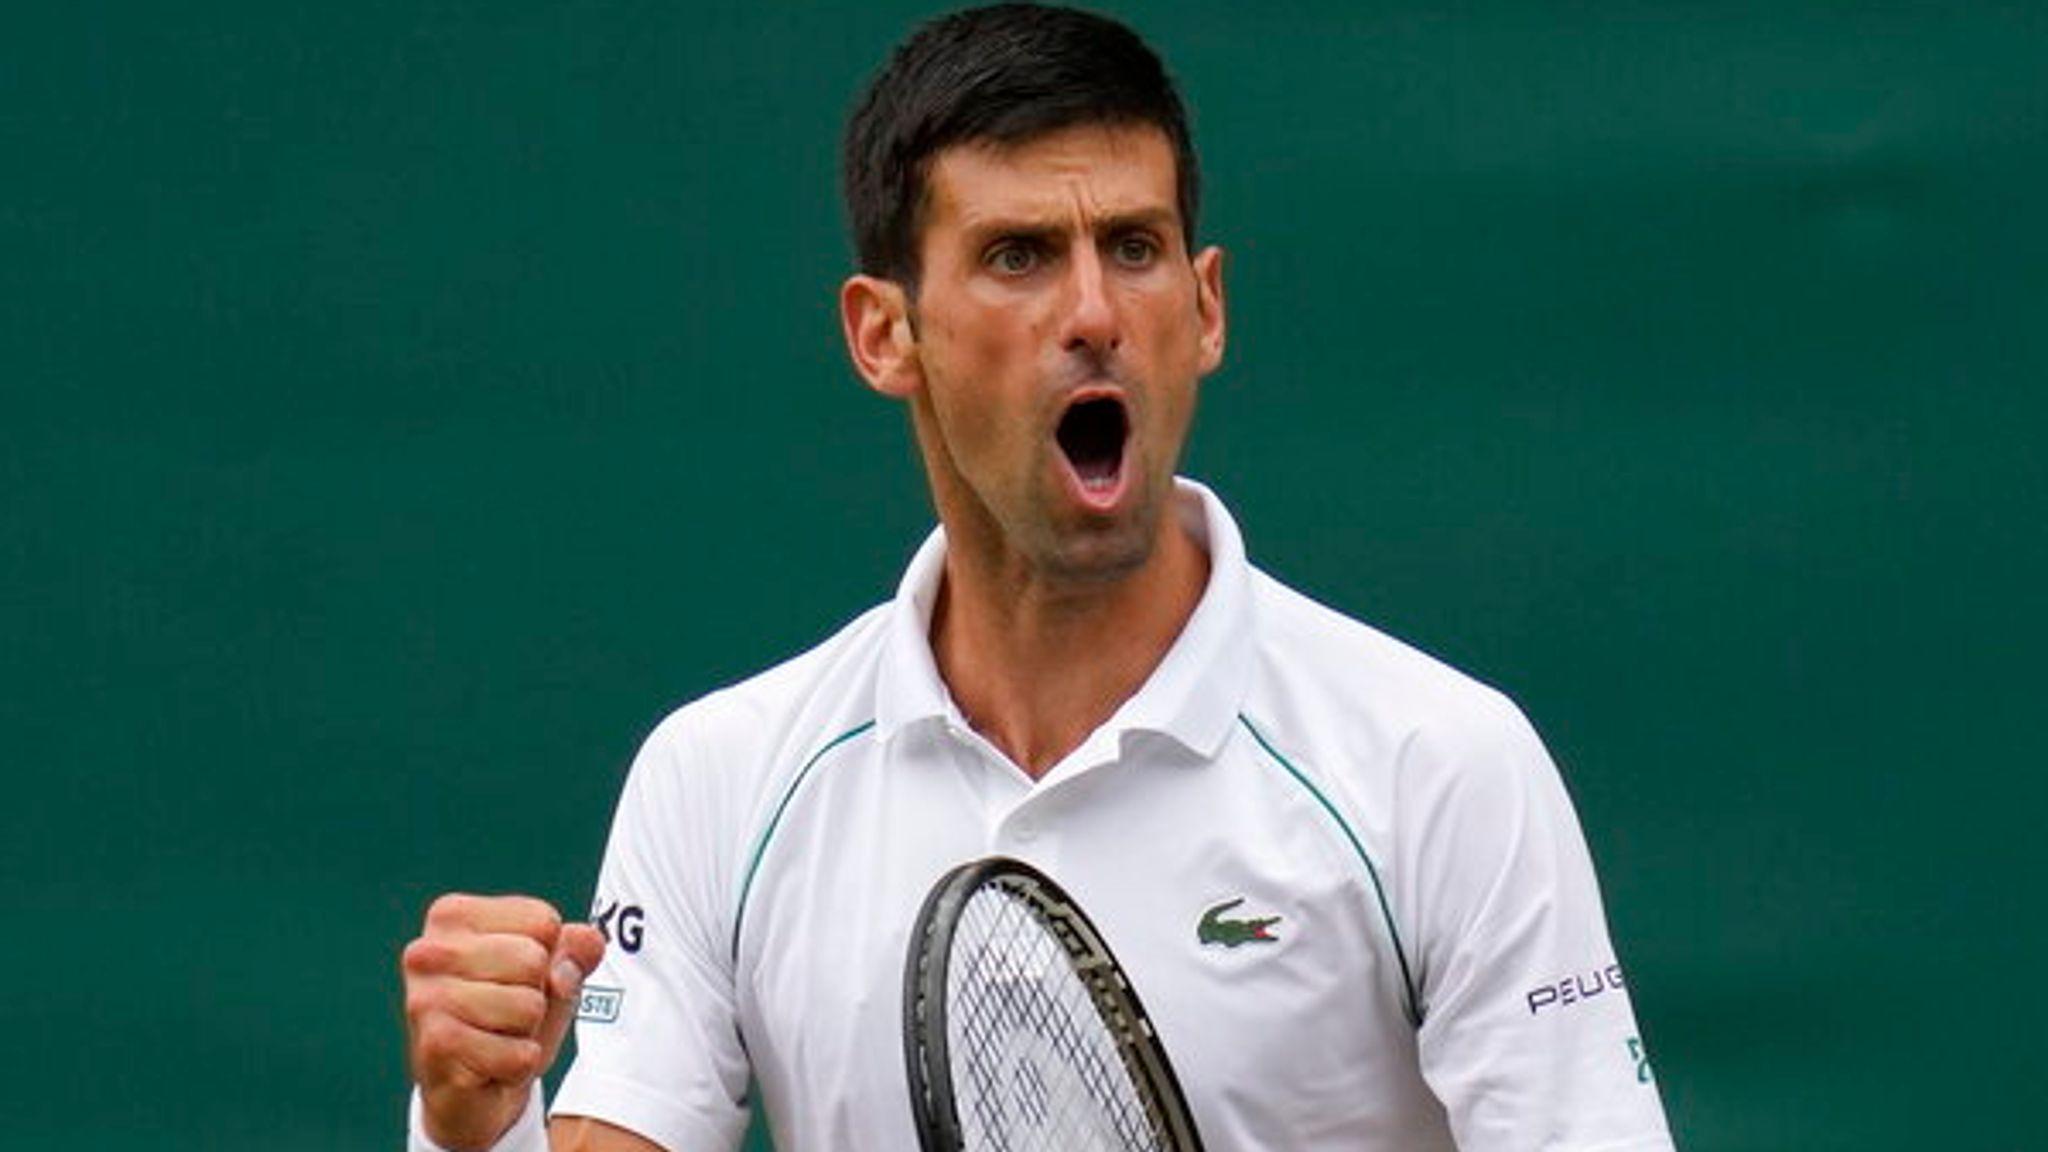 Wimbledon Championships 2021: Novak Djokovic vs. Matteo Berrettini Tennis Pick and Prediction